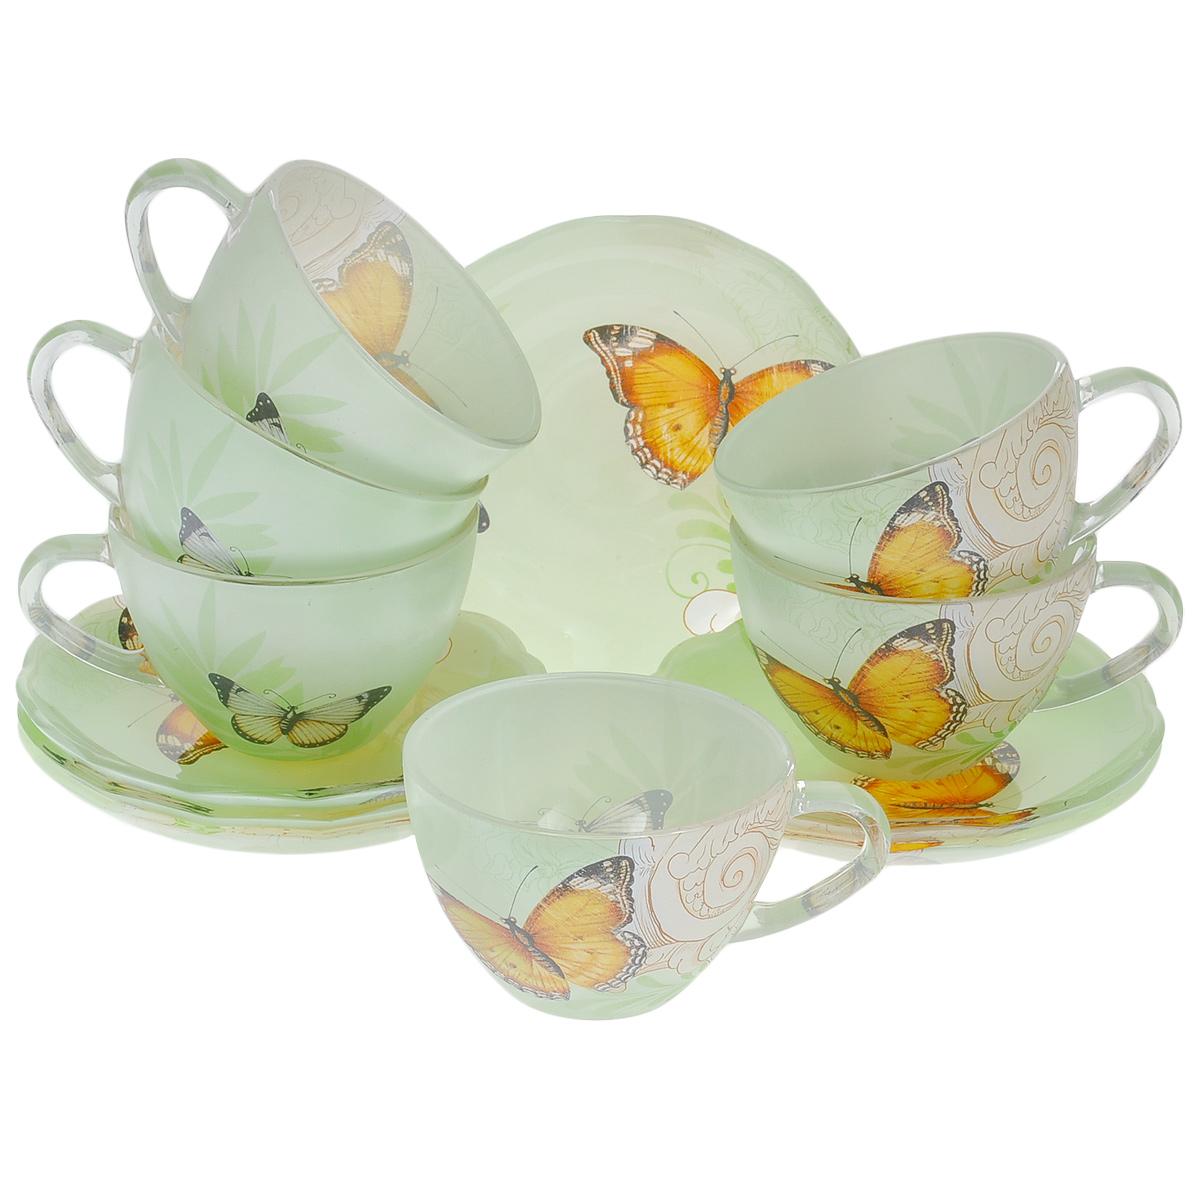 Набор посуды Бабочки, 12 предметов10101-12Набор посуды состоит из 6 блюдец и 6 чашек. Изделия выполнены из высококачественного стекла и оформлены изображением бабочек. Этот набор эффектно украсит стол, а также прекрасно подойдет для торжественных случаев. Красочность оформления придется по вкусу и ценителям классики, и тем, кто предпочитает утонченность и изящность.